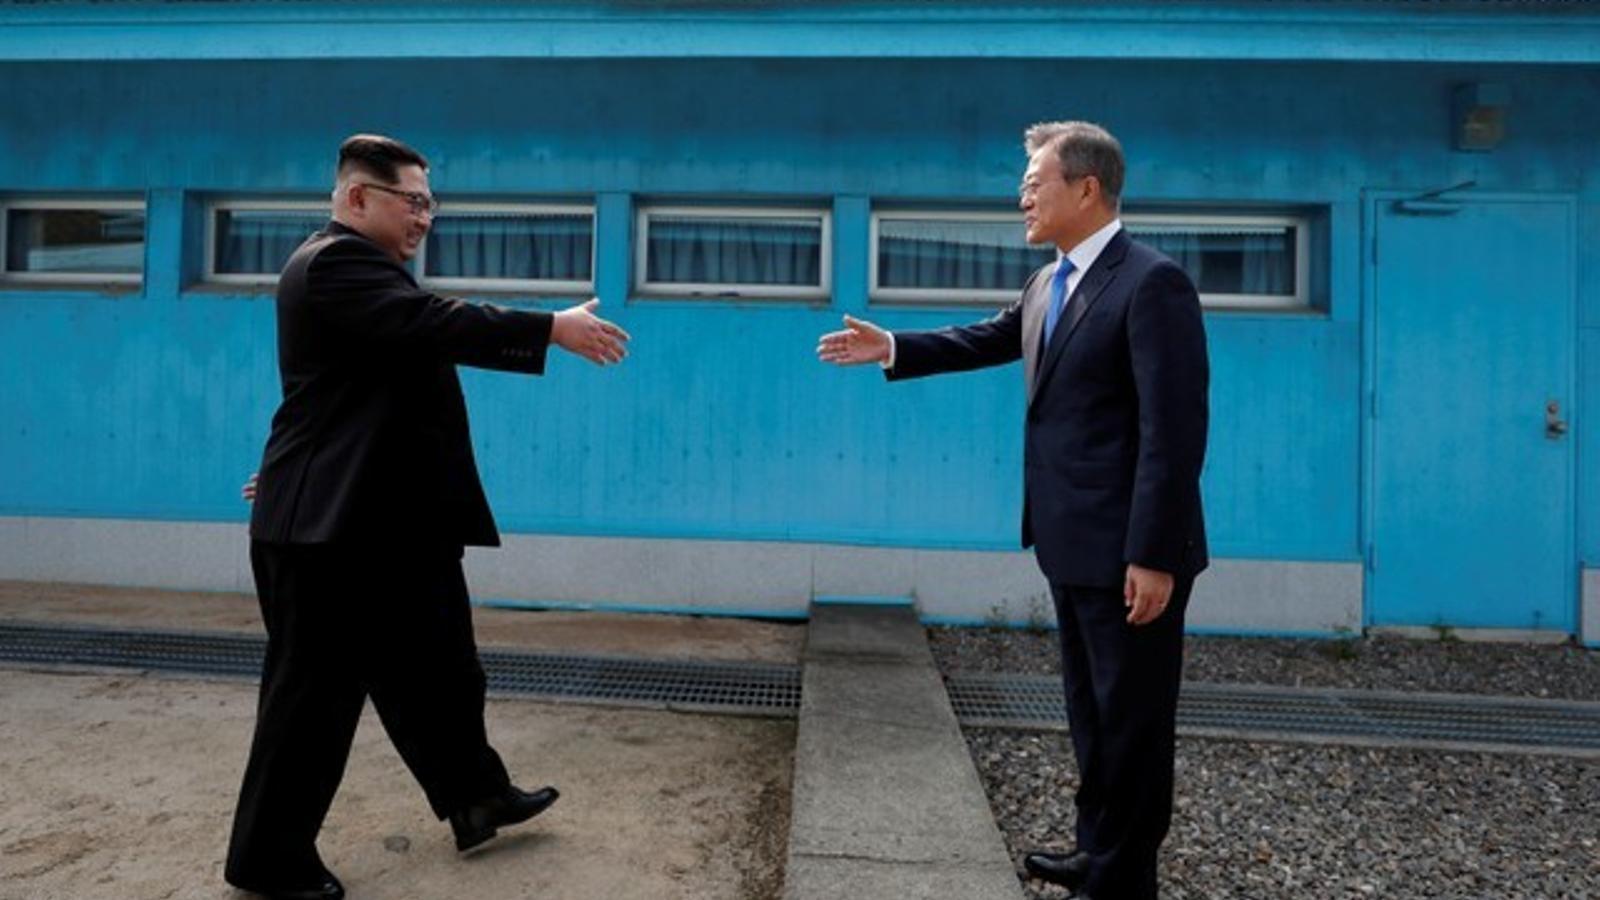 La històrica reunió entre Corea del Nord i Corea del Sud